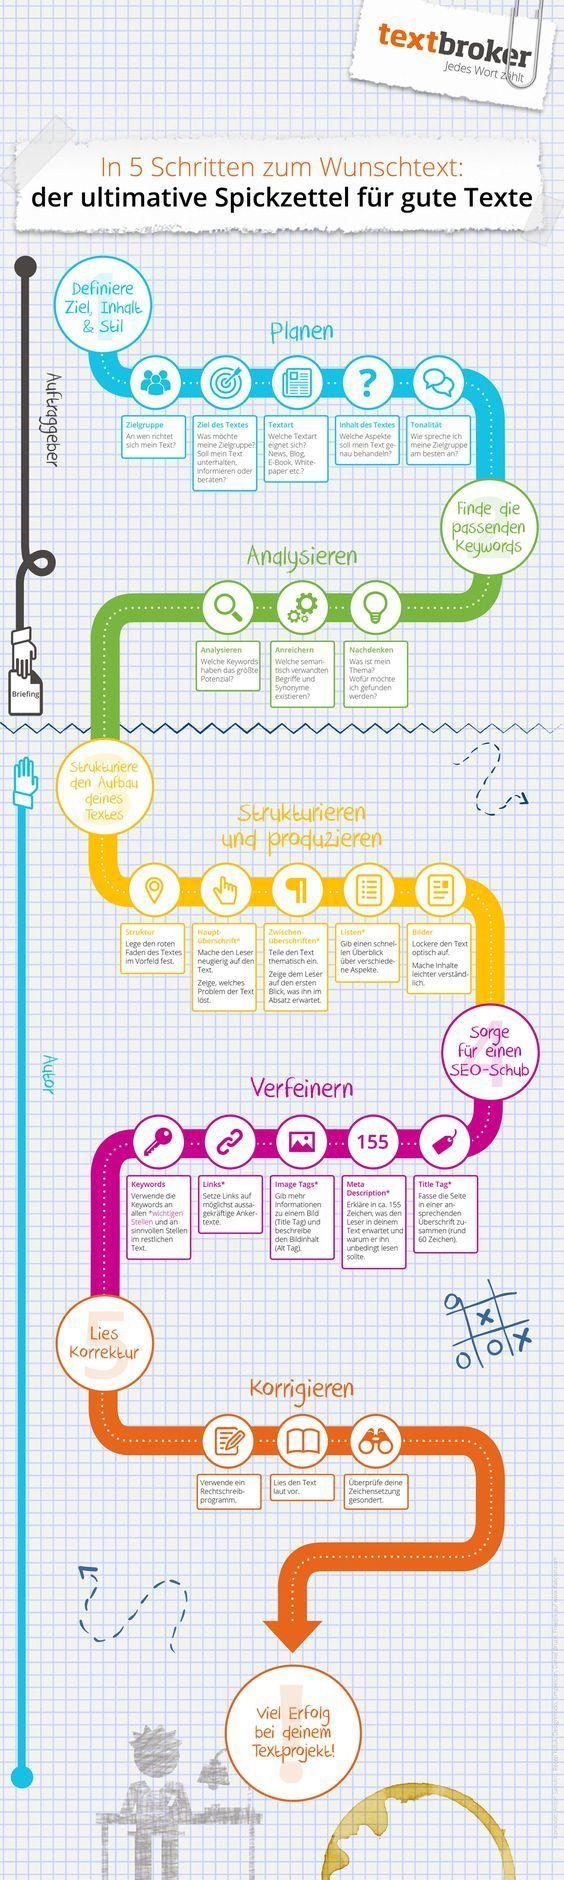 Spickzettel-Infografik zur Erstellung guter Texte | Leben ...